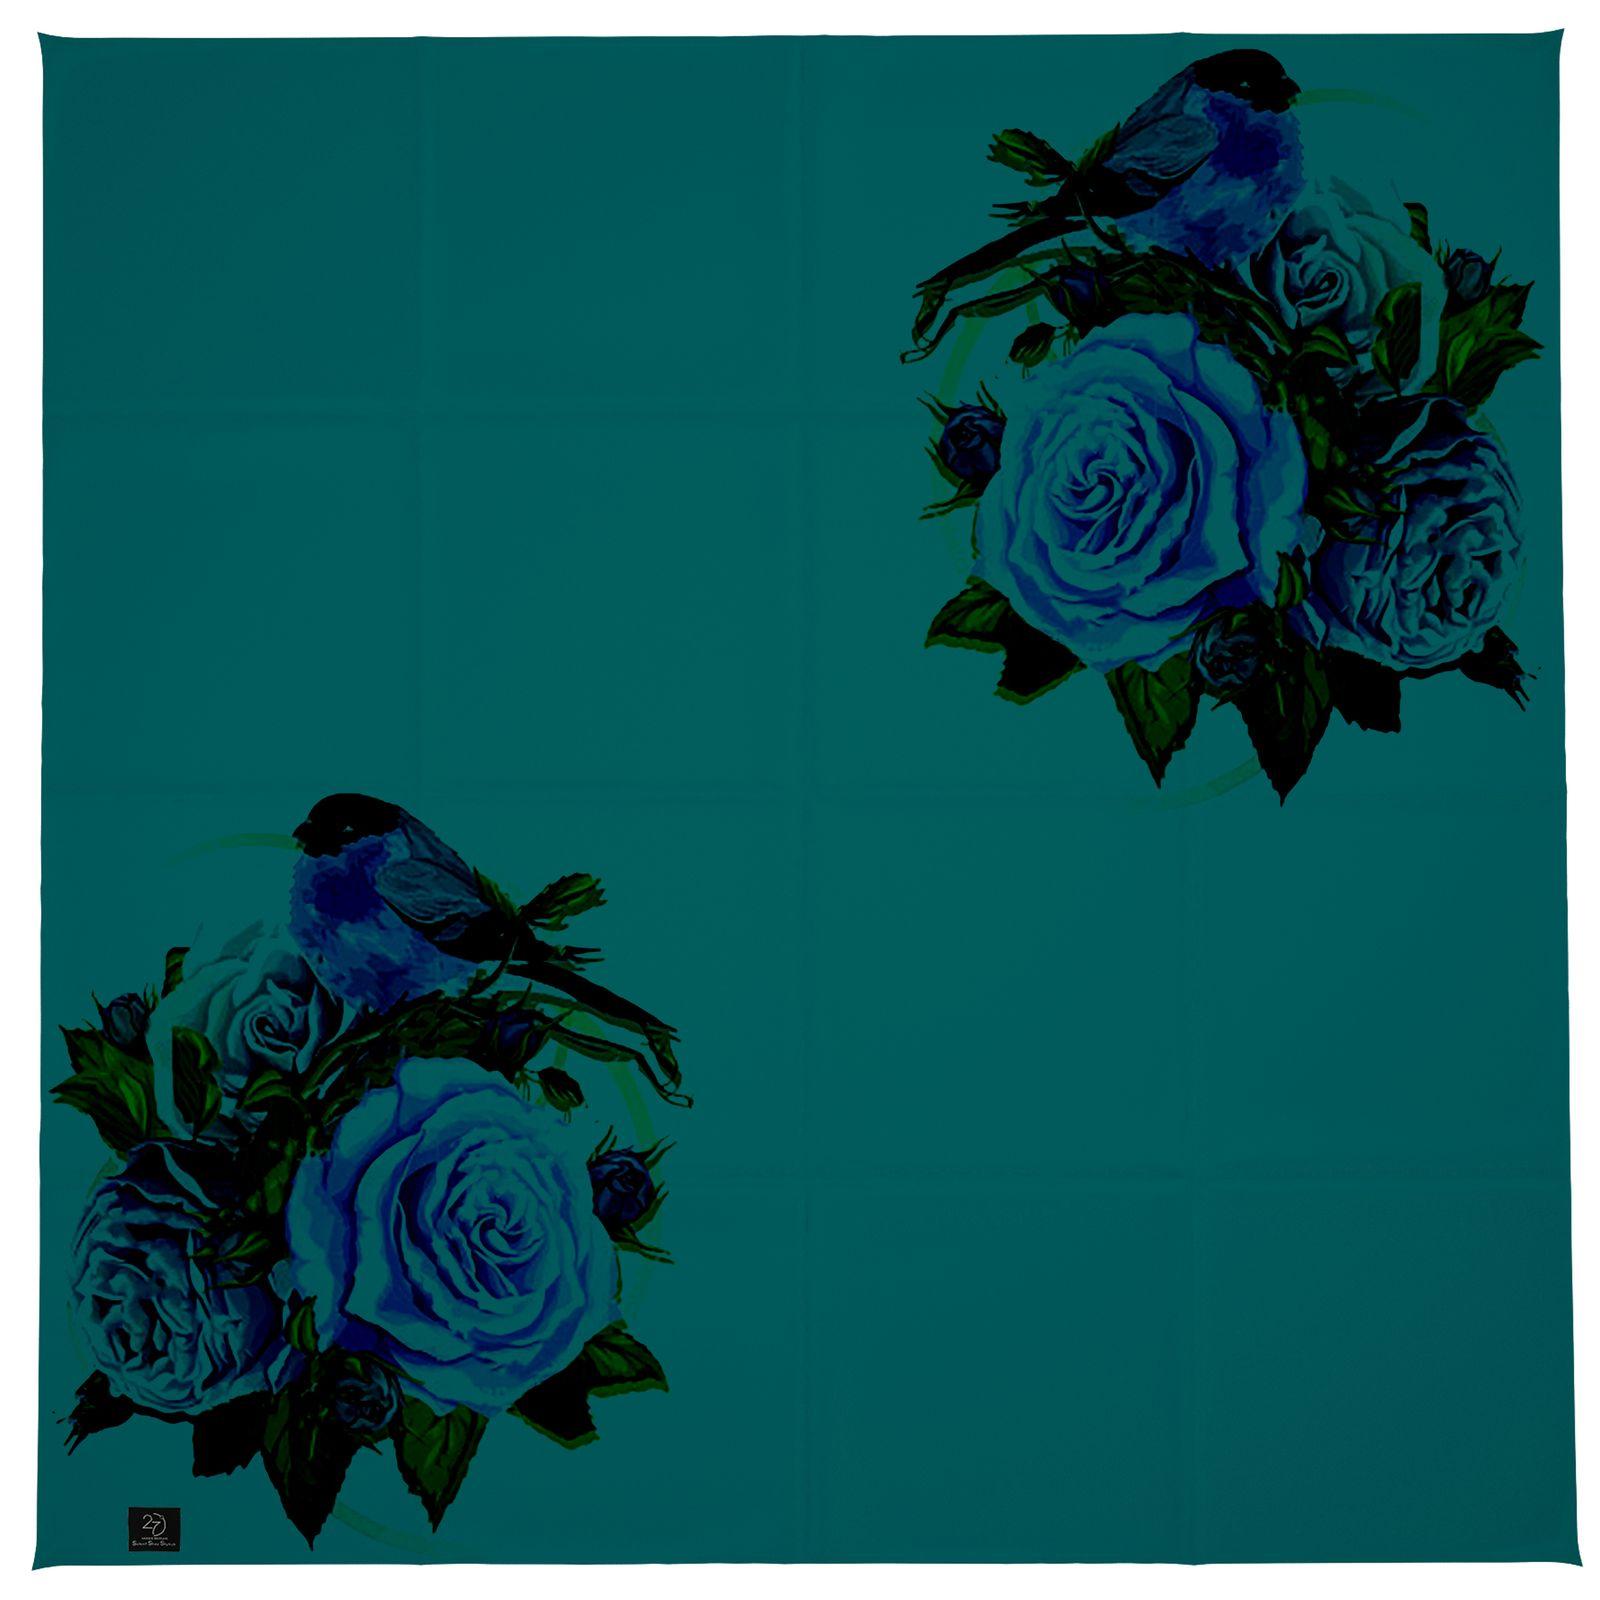 روسری زنانه 27 طرح پرنده و گل کد H06 -  - 8